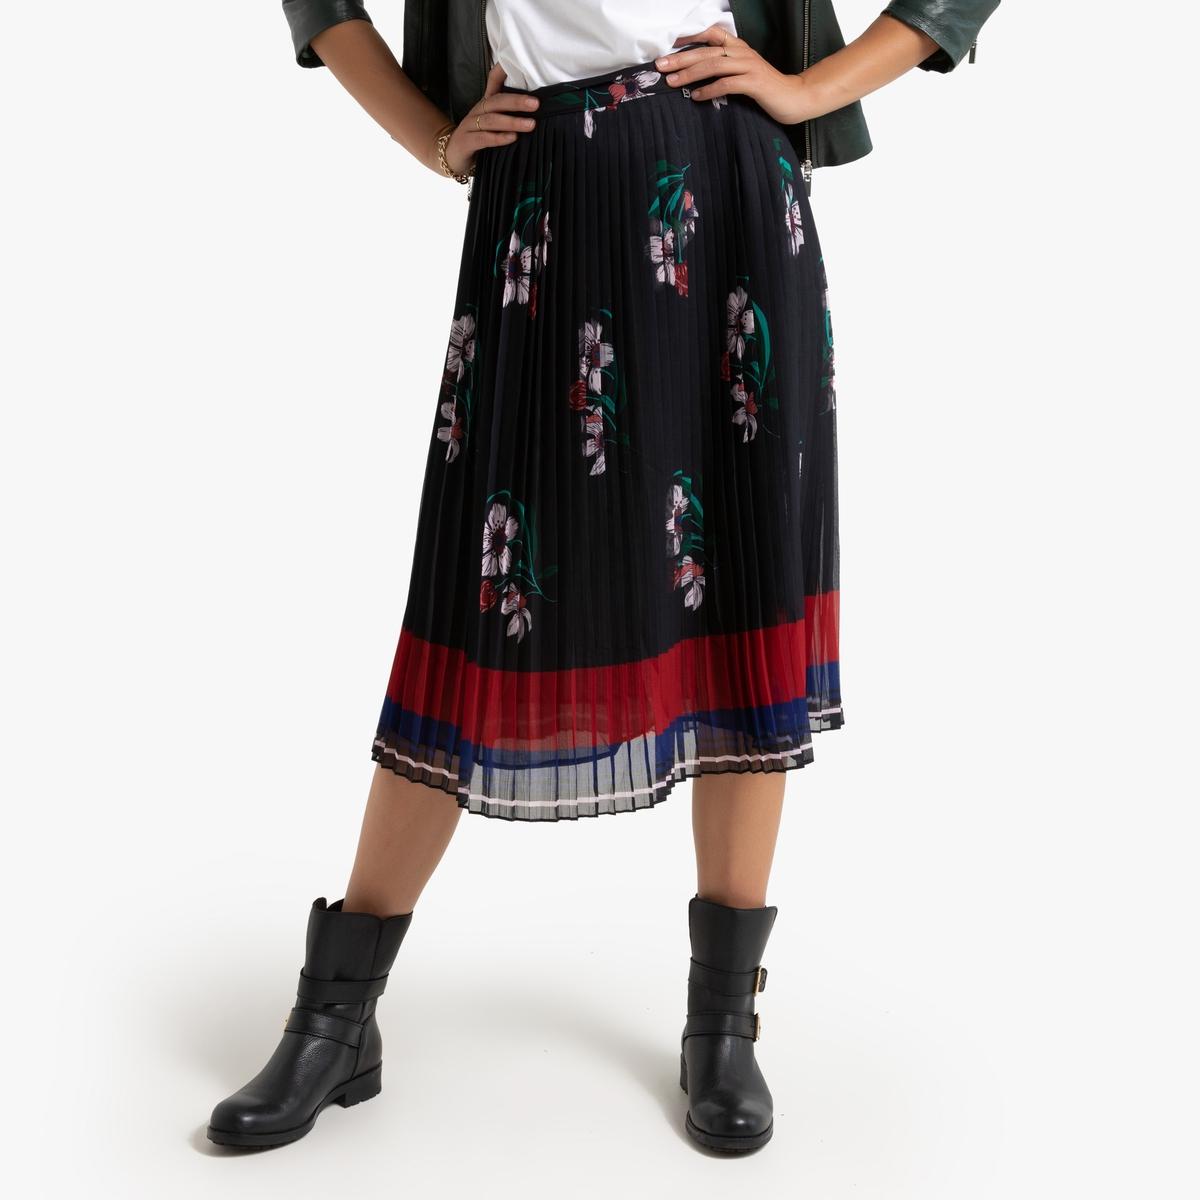 Юбка La Redoute Миди с плиссировкой и с цветочным принтом Nini M черный платье миди la redoute с запахом струящееся m синий